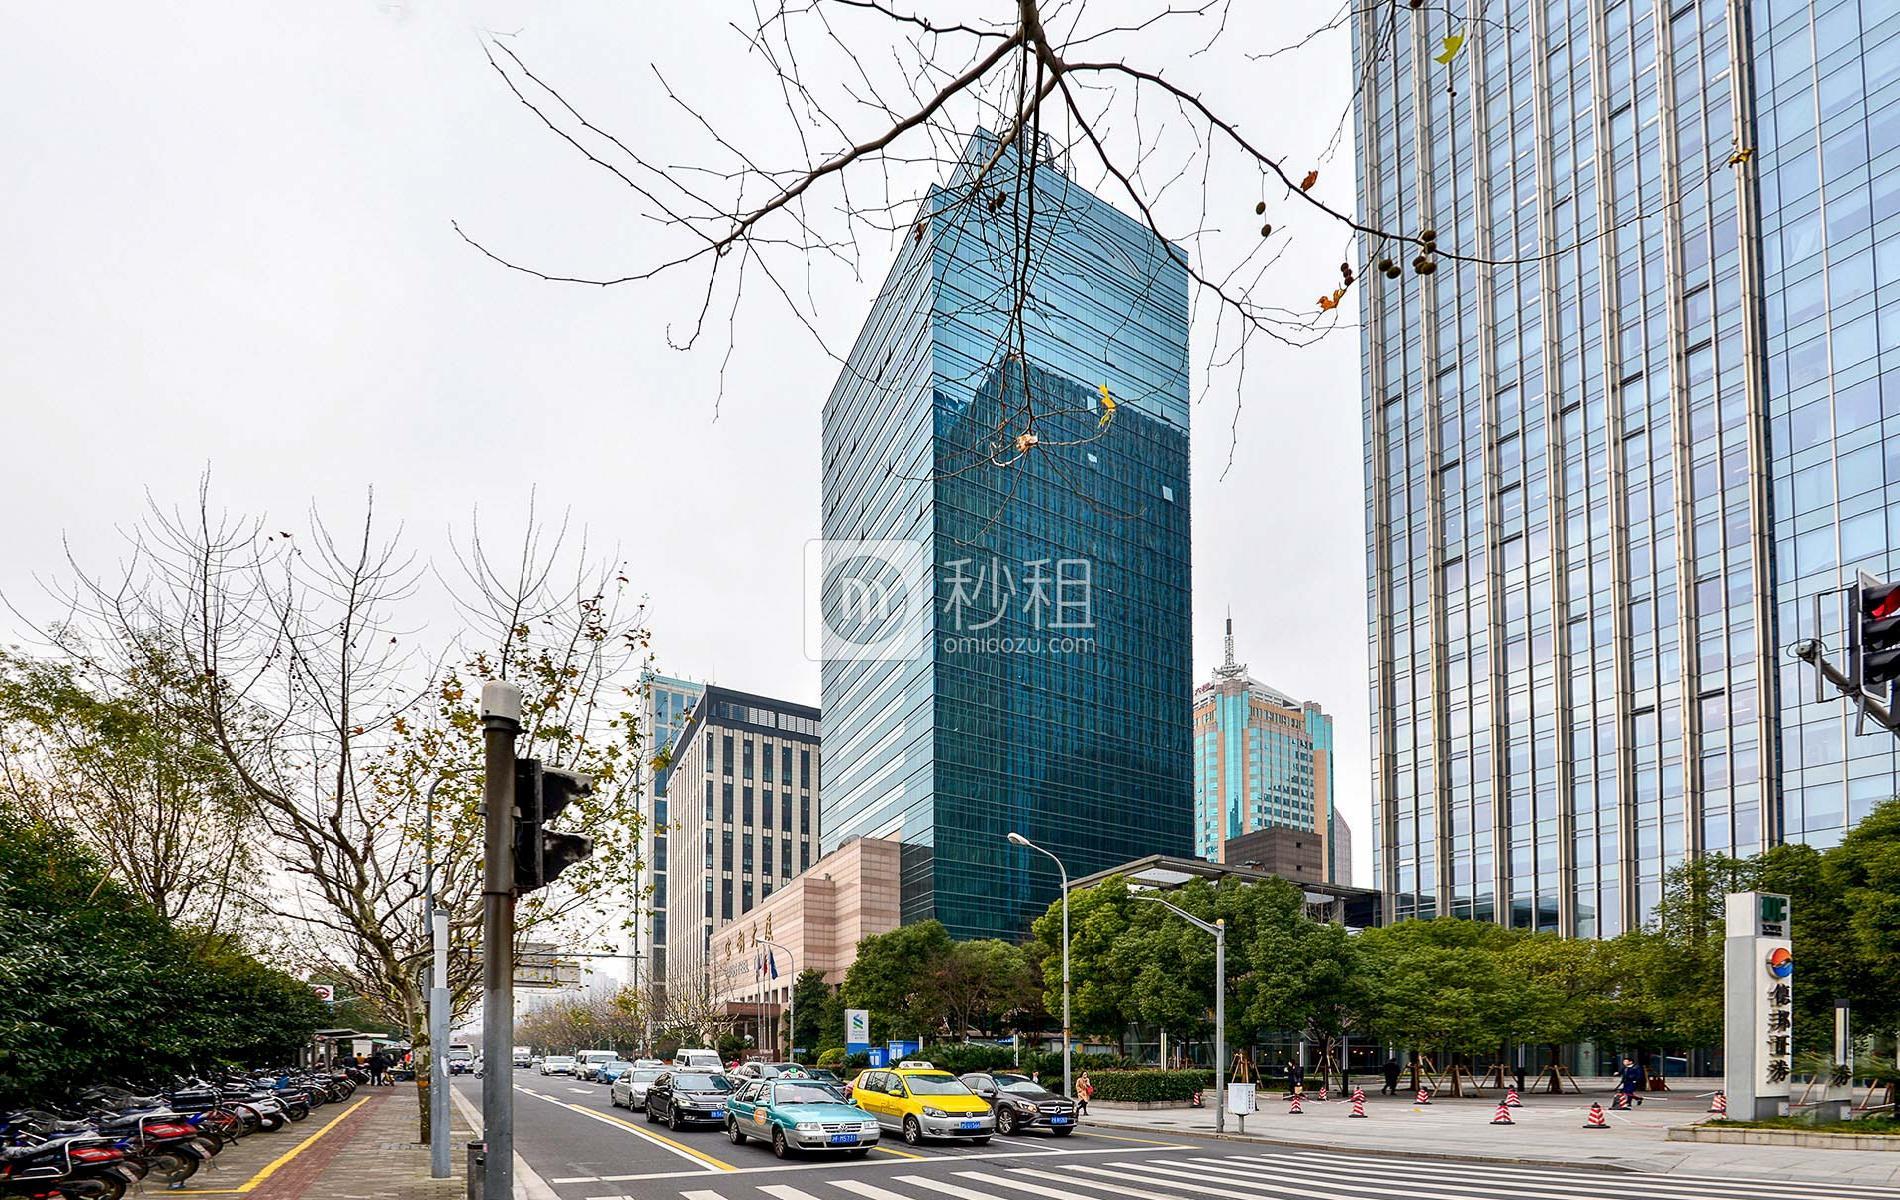 宝钢大厦写字楼出租/招租/租赁,宝钢大厦办公室出租/招租/租赁